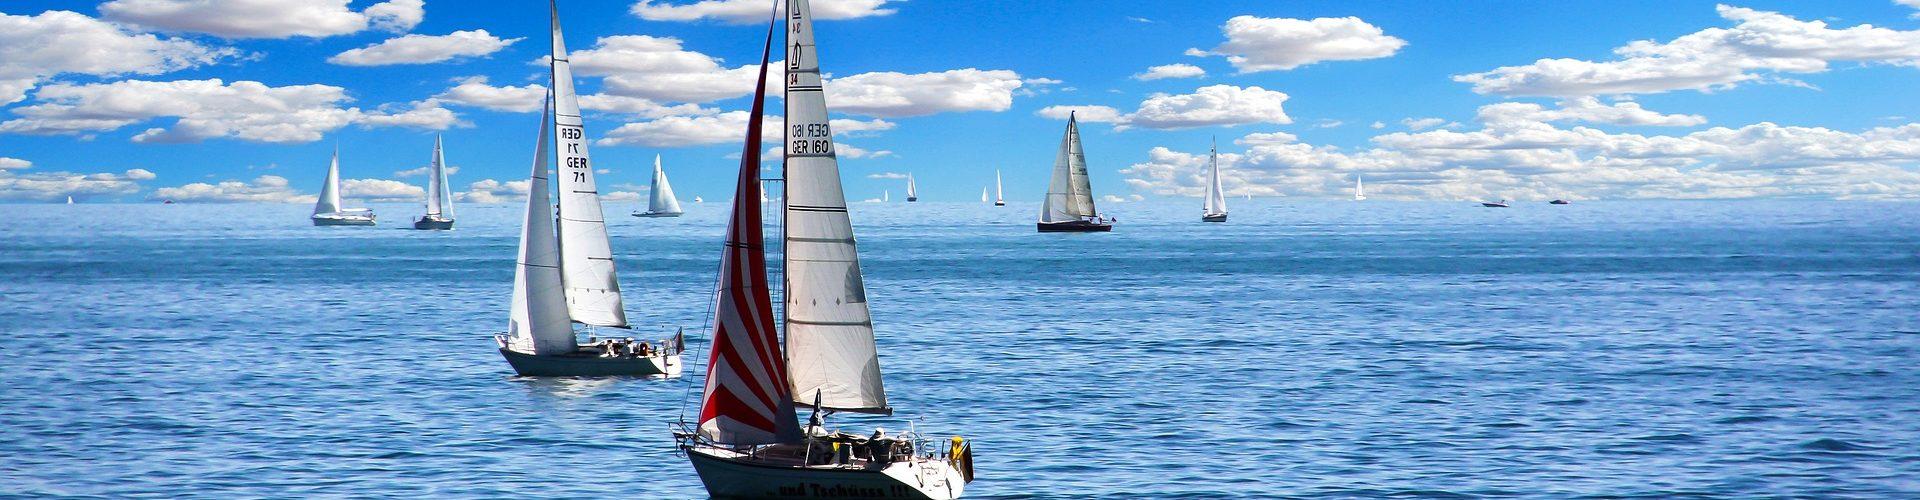 segeln lernen in Donaueschingen segelschein machen in Donaueschingen 1920x500 - Segeln lernen in Donaueschingen